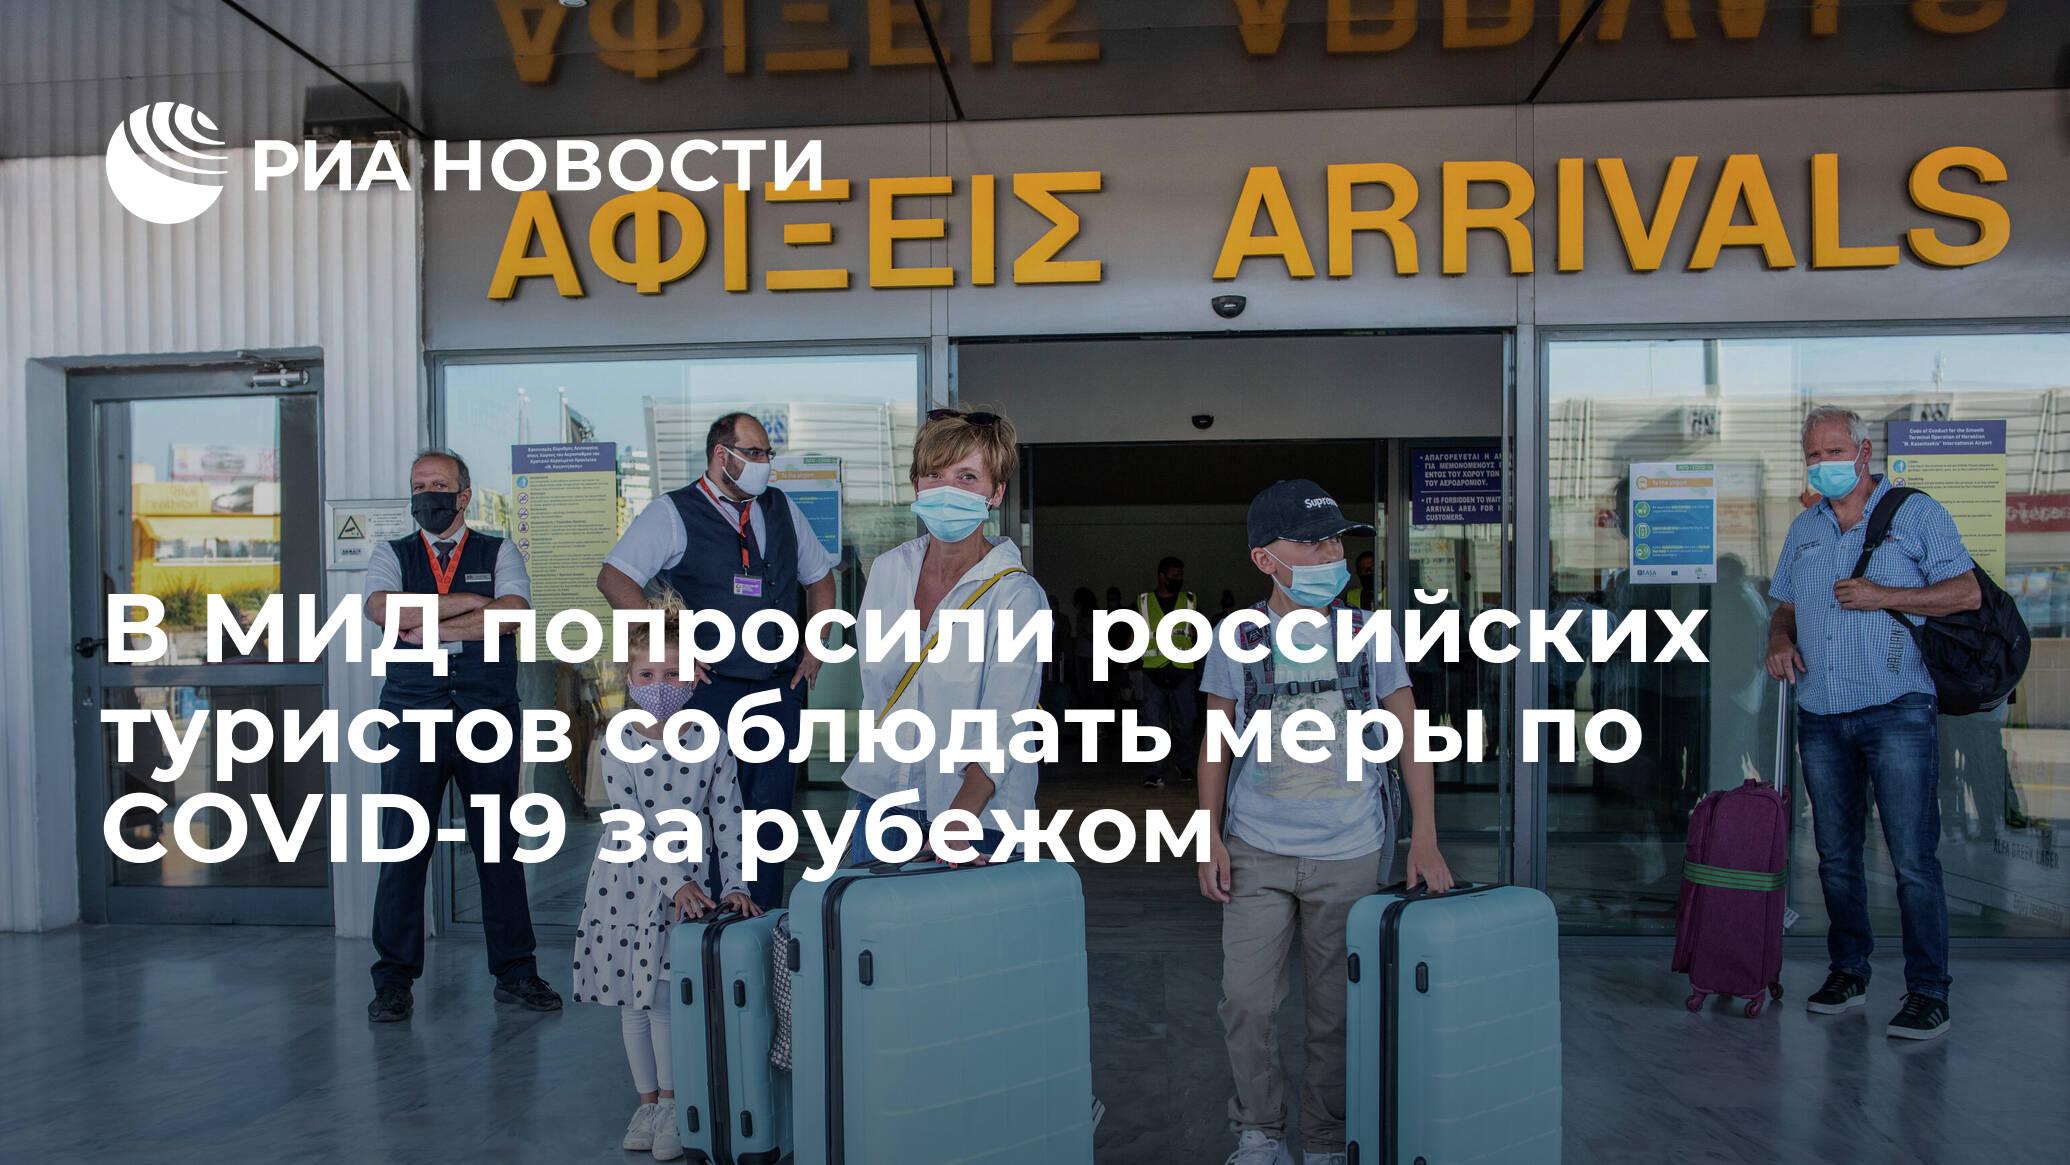 В МИД попросили российских туристов соблюдать меры по COVID-19 за рубежом